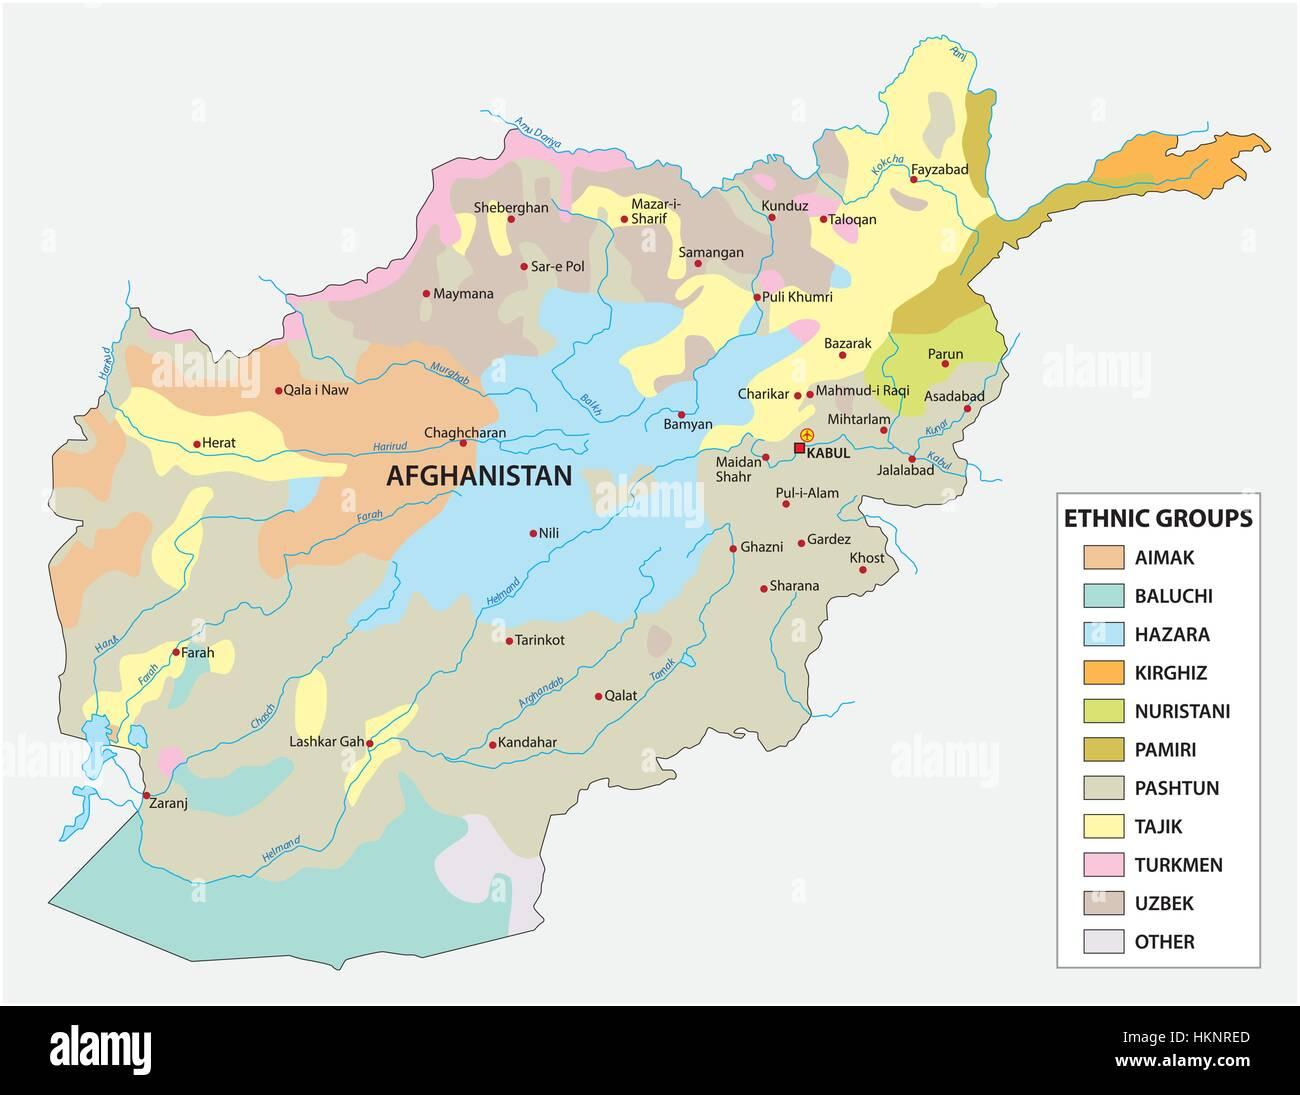 Kandahar Afghanistan Kabul Stock Photos Kandahar Afghanistan Kabul